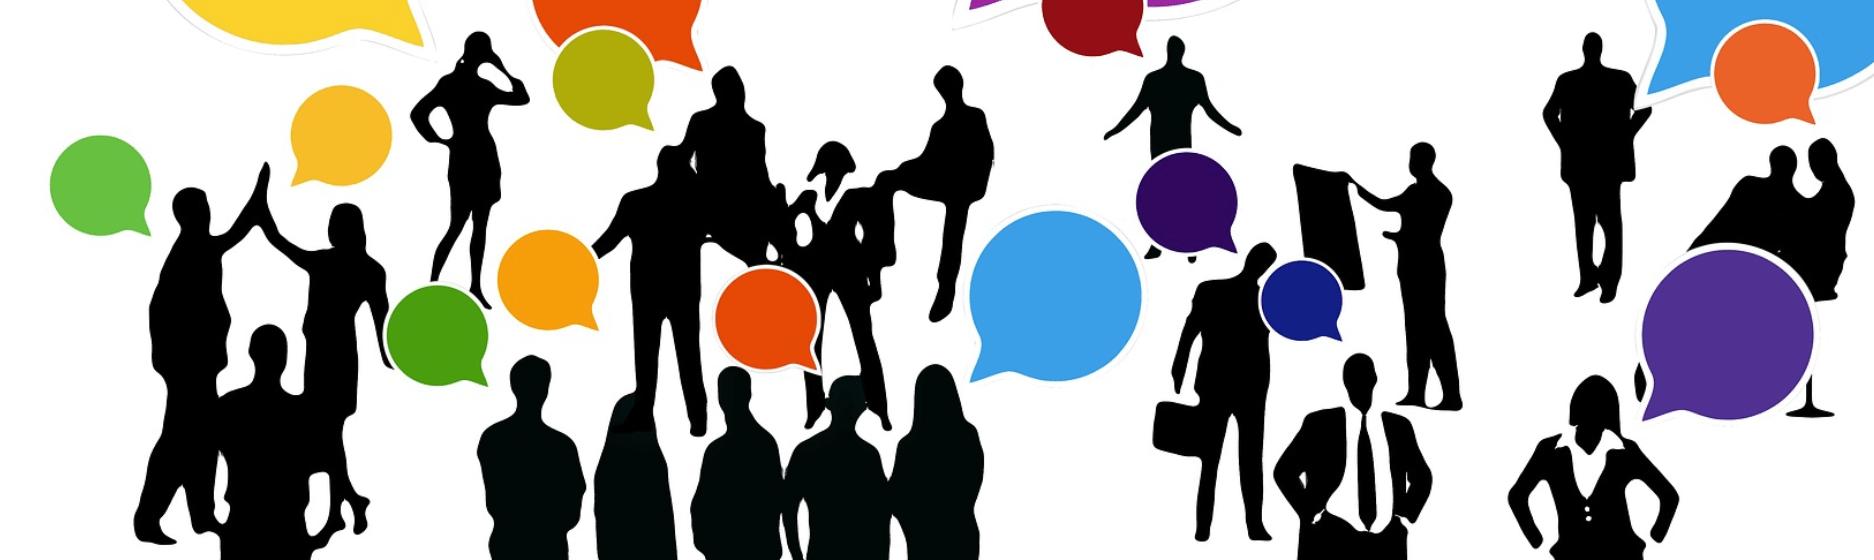 La communication interne en entreprise : un levier de performance